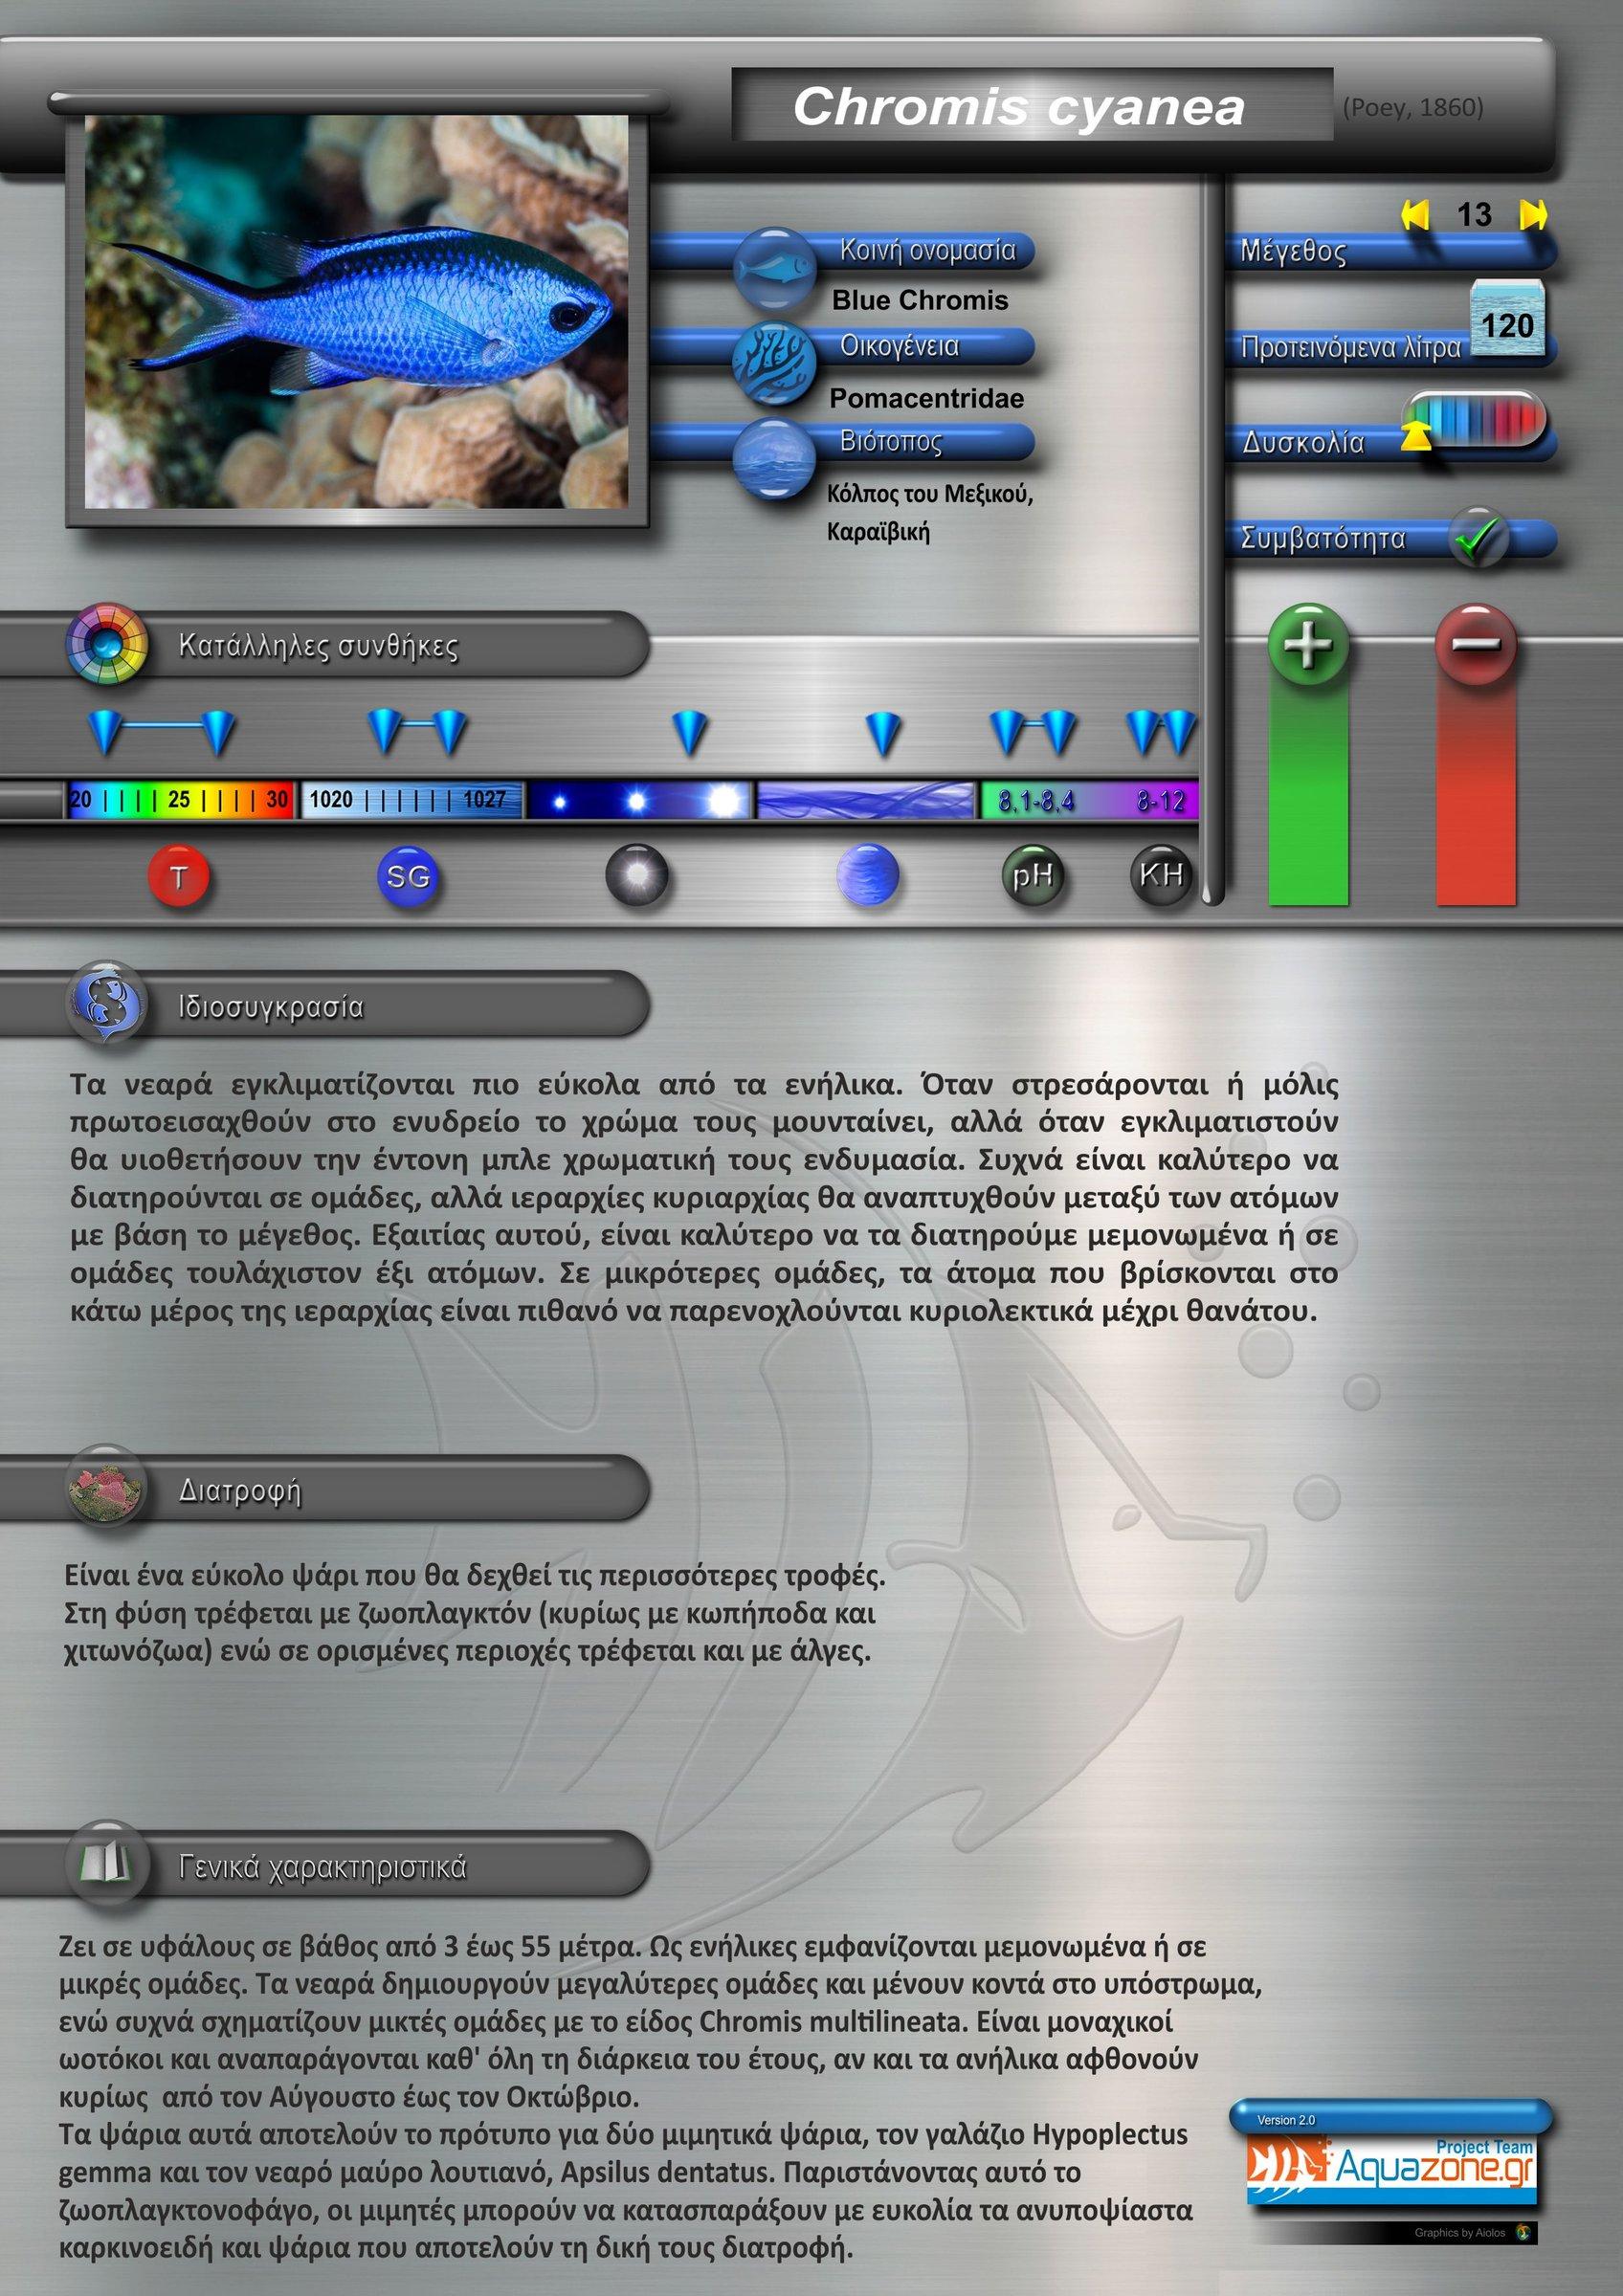 Chromis cyanea.jpg